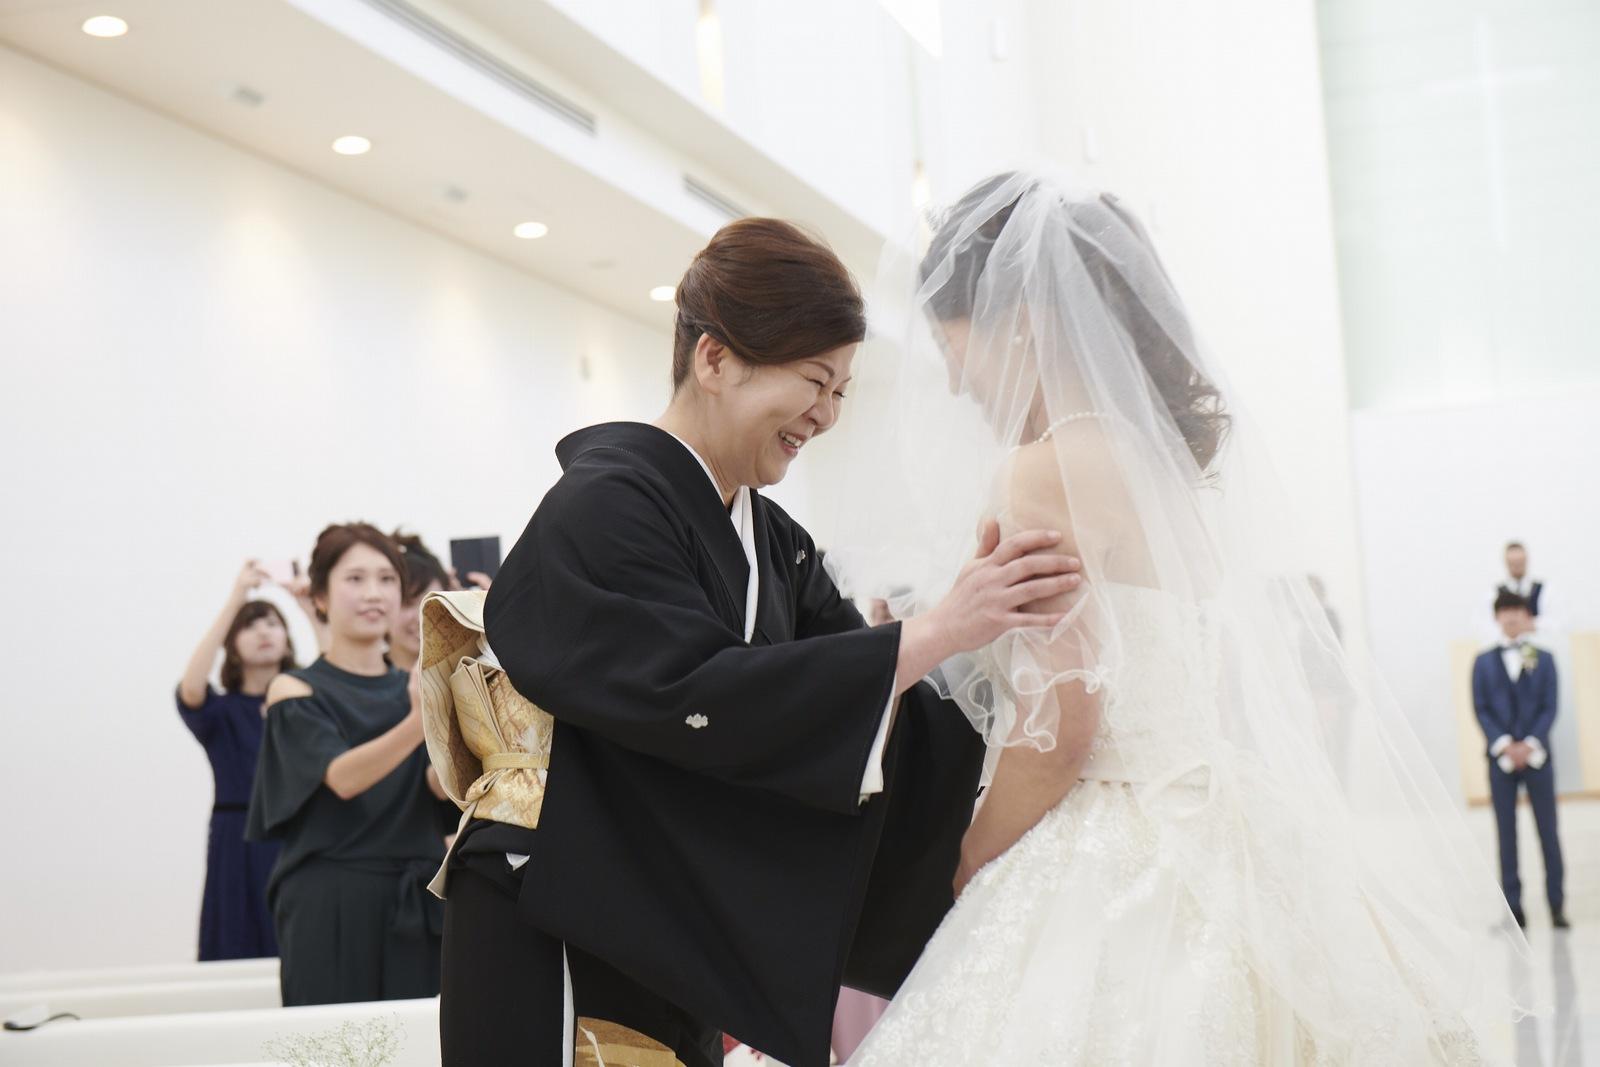 徳島市の結婚式場ブランアンジュのチャペルでベールダウンをする感動的なシーン